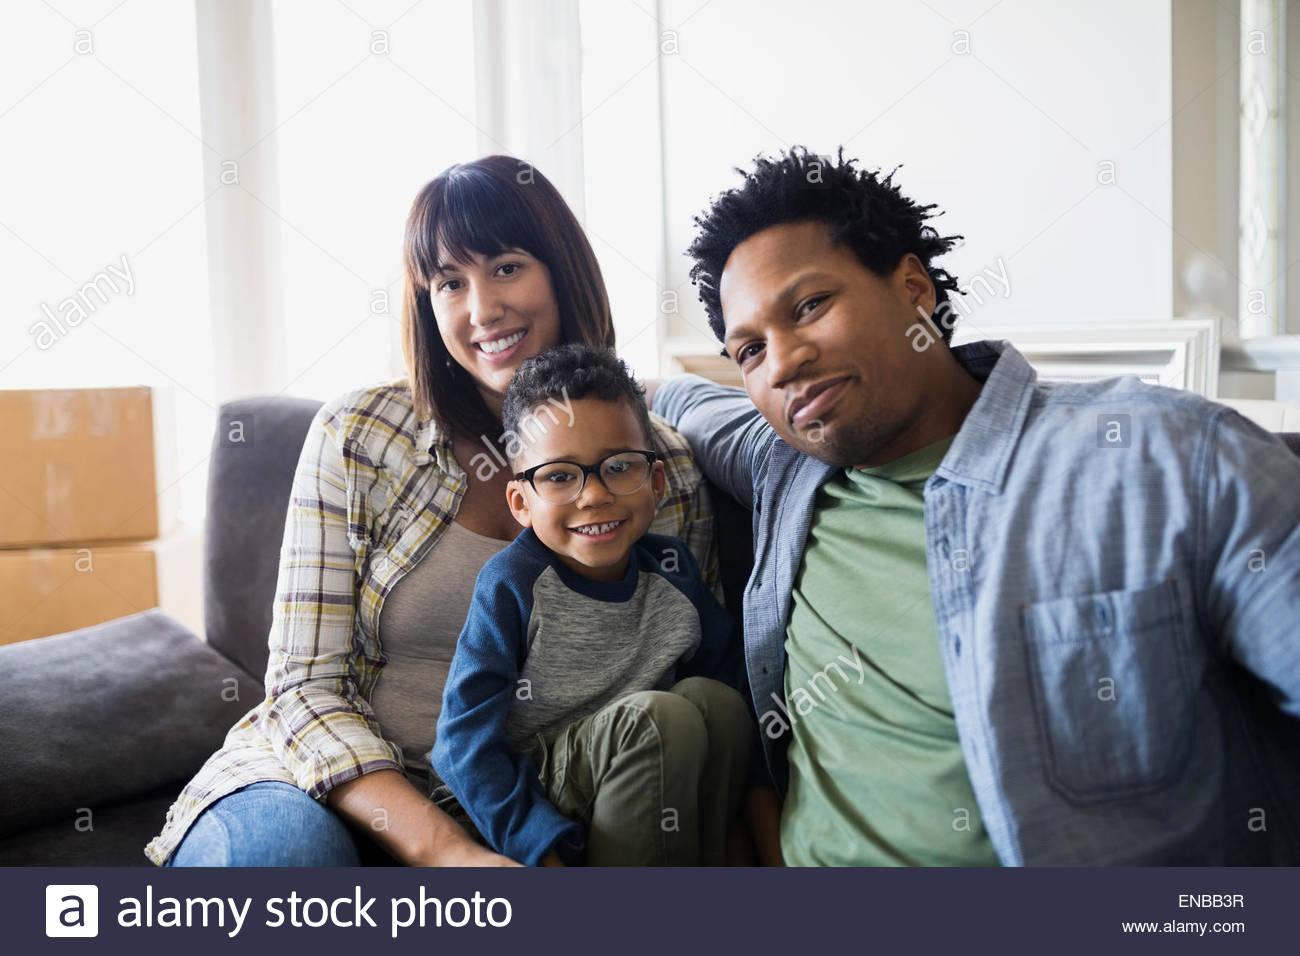 Portrait of smiling family déménagement dans Photo Stock